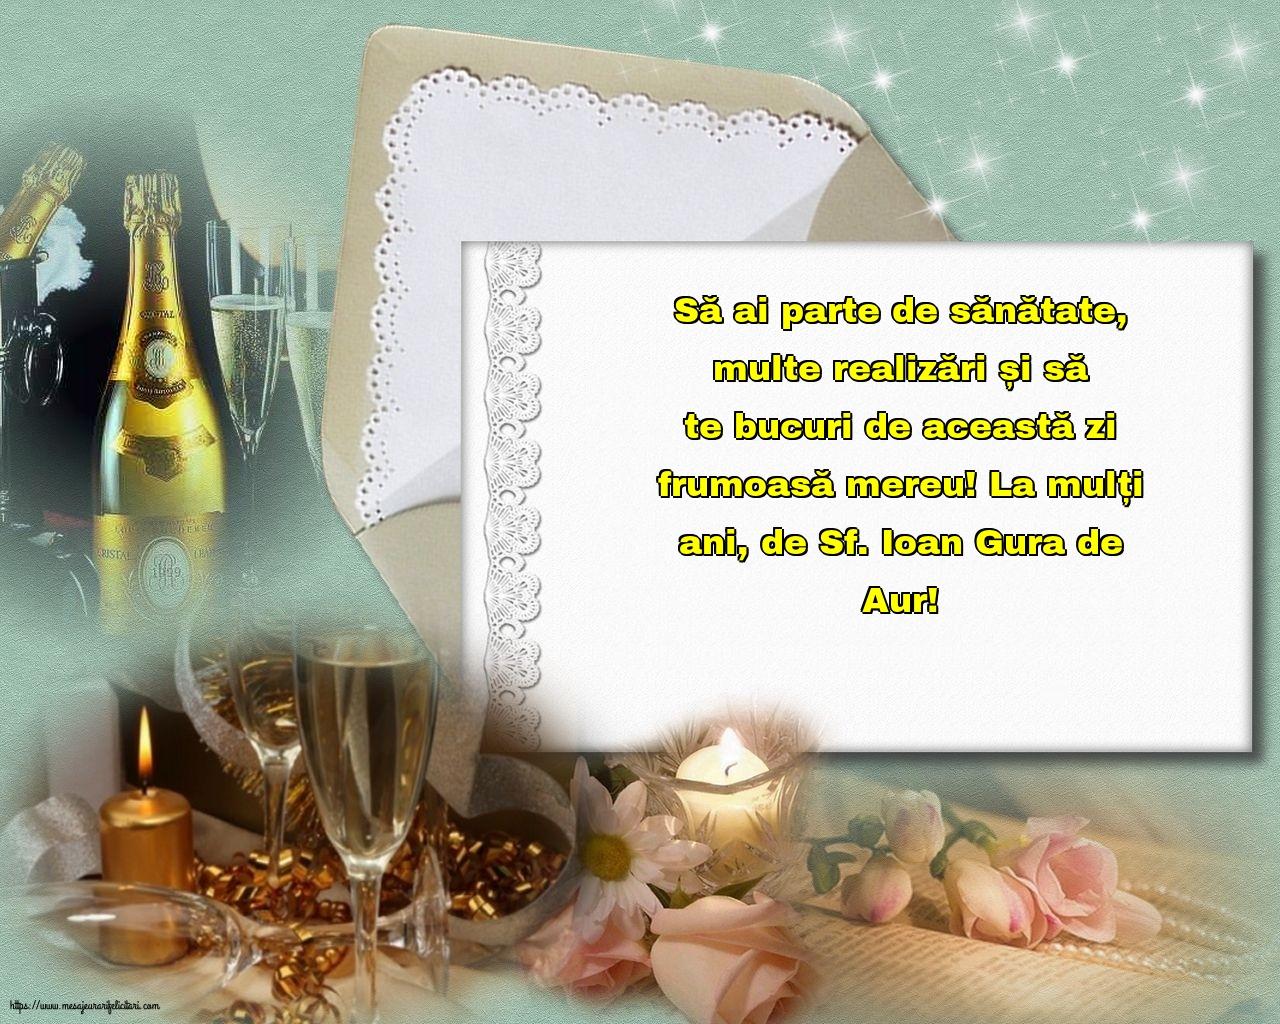 Sfântul Ioan La mulți ani, de Sf. Ioan Gura de Aur!